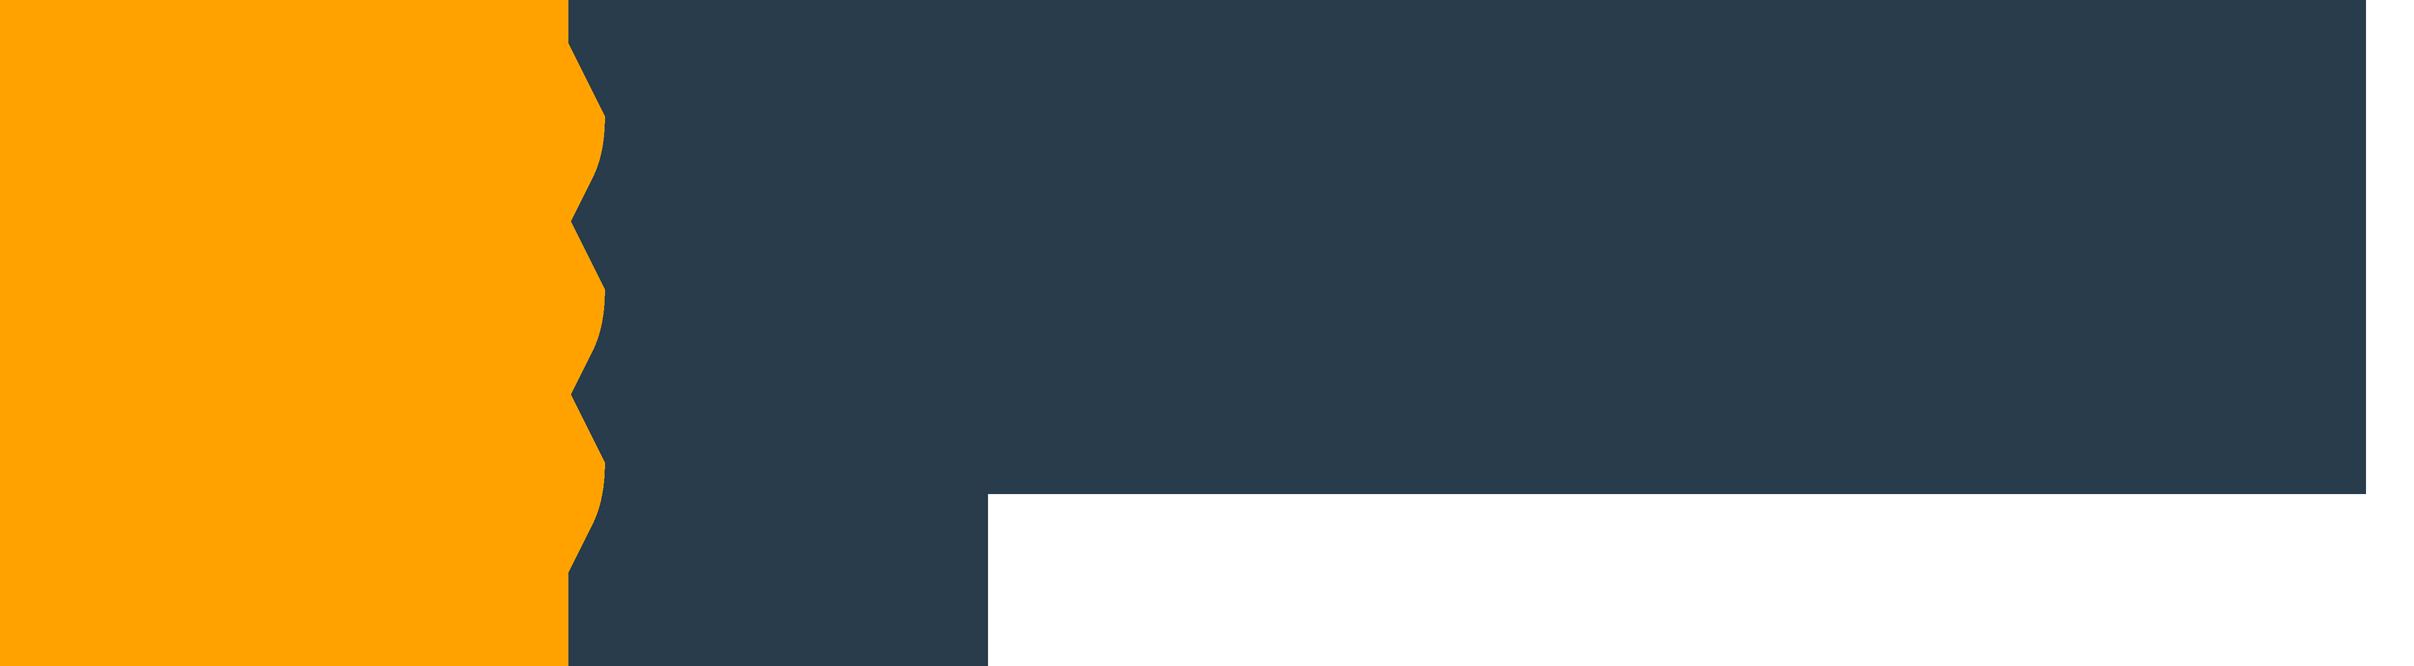 EXPOSICIÓN Y DIVULGACIÓN